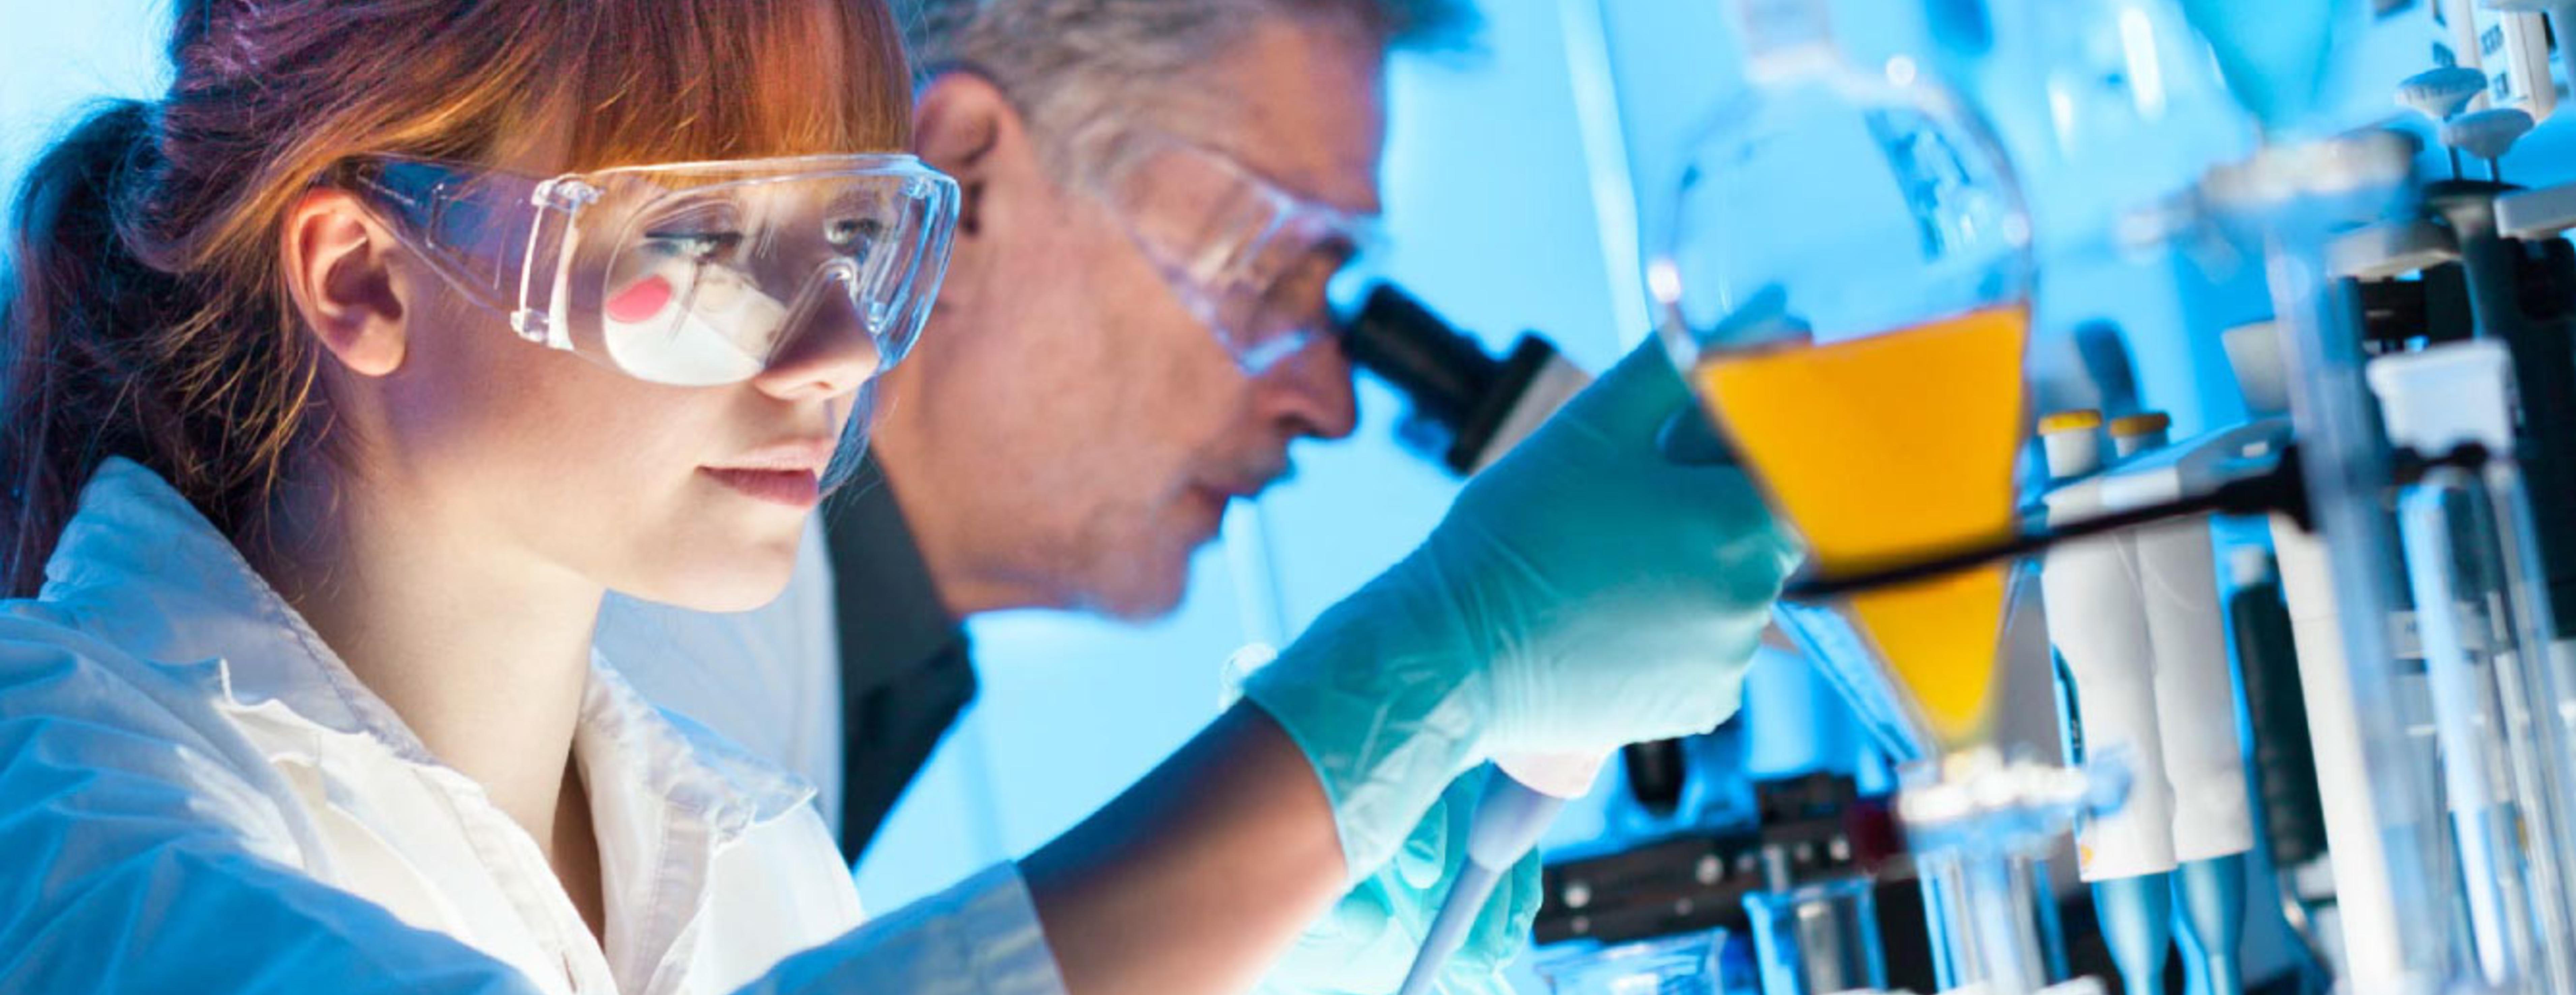 Специальность в сфере лабораторных исследований: лаборант